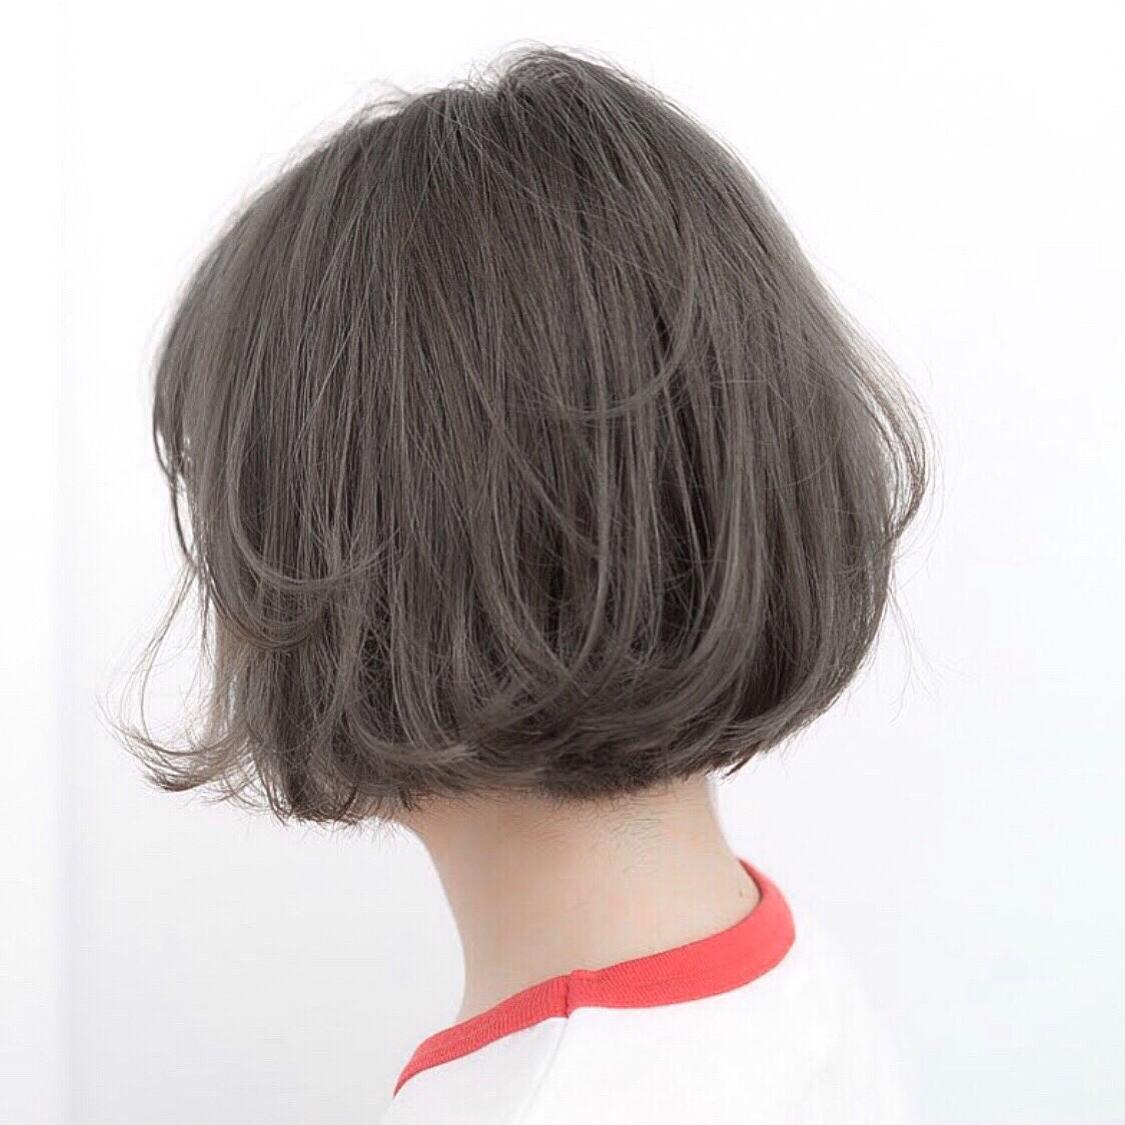 毛先のワンカールで動きが出るボブ。 ポイントは少しいれたレイヤー。 赤みのないグレージュで柔らかな 透明感を。  #前髪 #グレージュ #透明感 #アッシュ #ナチュラル #カジュアル #ストリート #ガーリー #キュート #オフィス #丸顔 #シースルーバング #カラー上手い #ゼロアルカリストレート #髪質改善 #ストレートパーマ #ショート  #ショートボブ  #ボブ  #アッシュ  #アディクシーカラー  #アディクシーカラー  #イルミナカラー